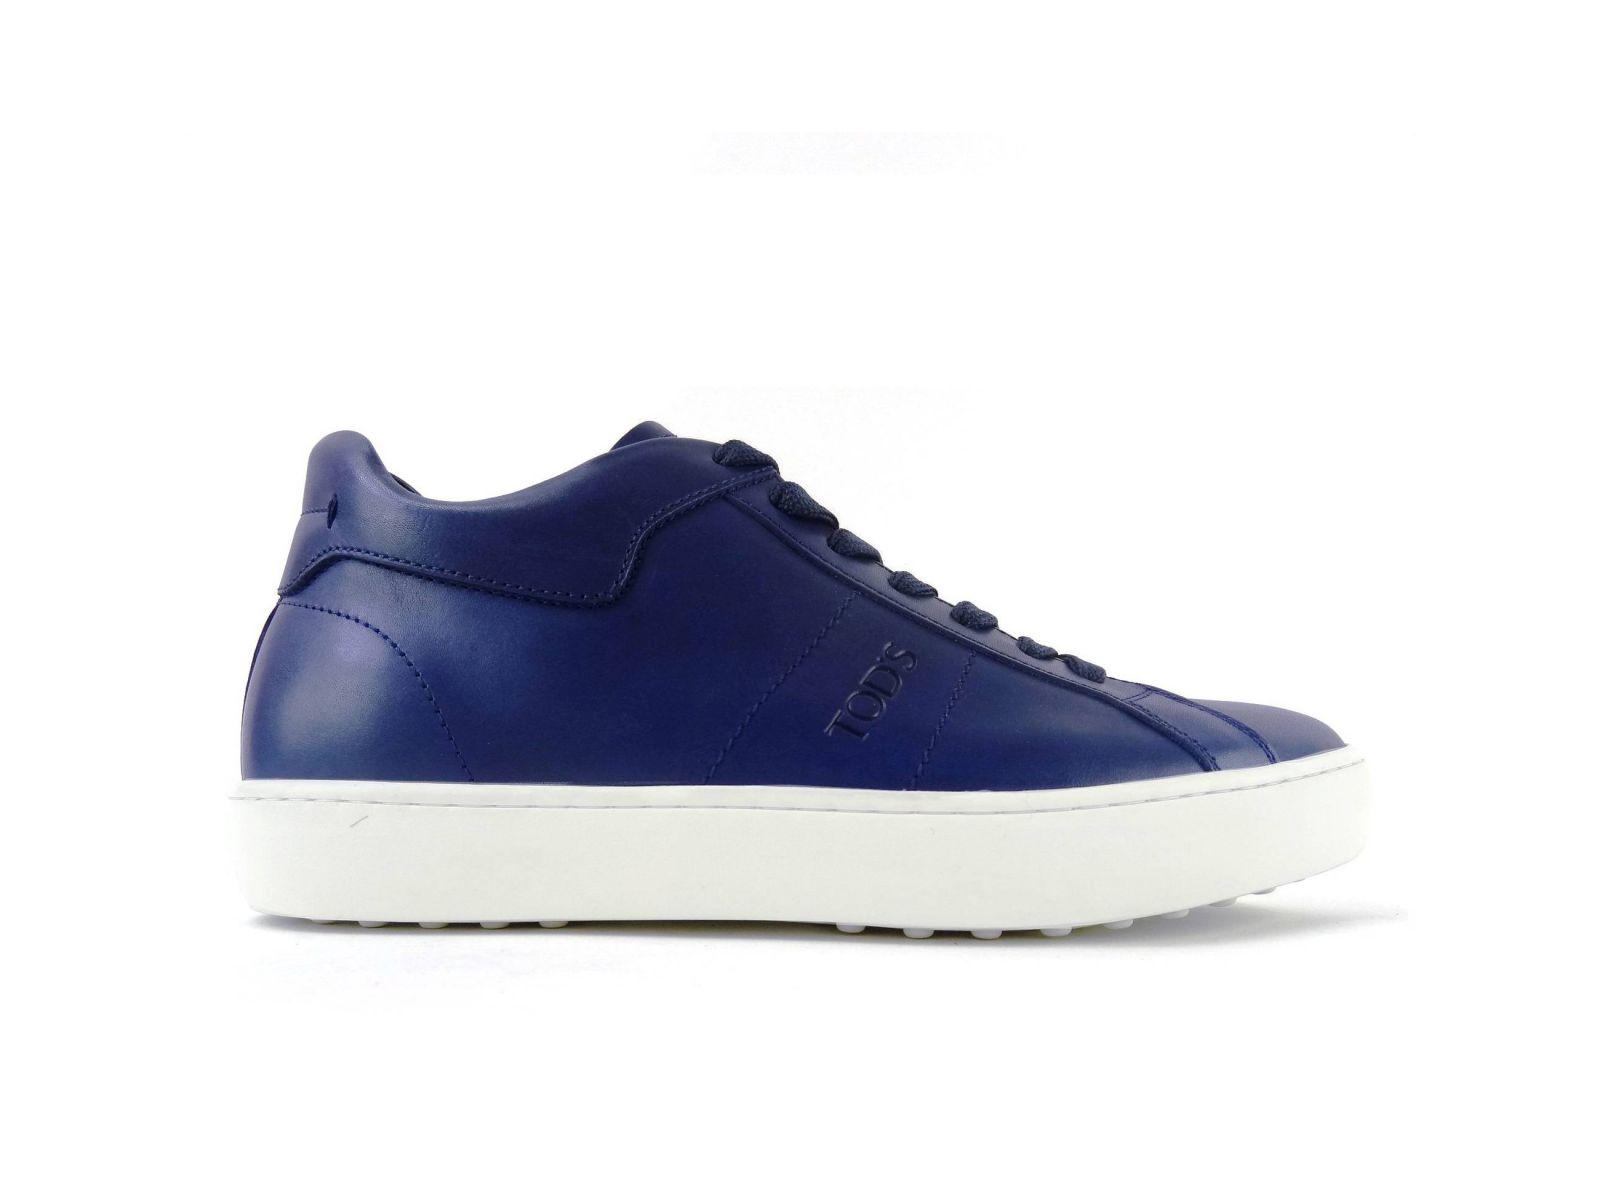 Chaussures de sport chic Marseille pour homme - Guide boutiques de ... 4324767cfb2f